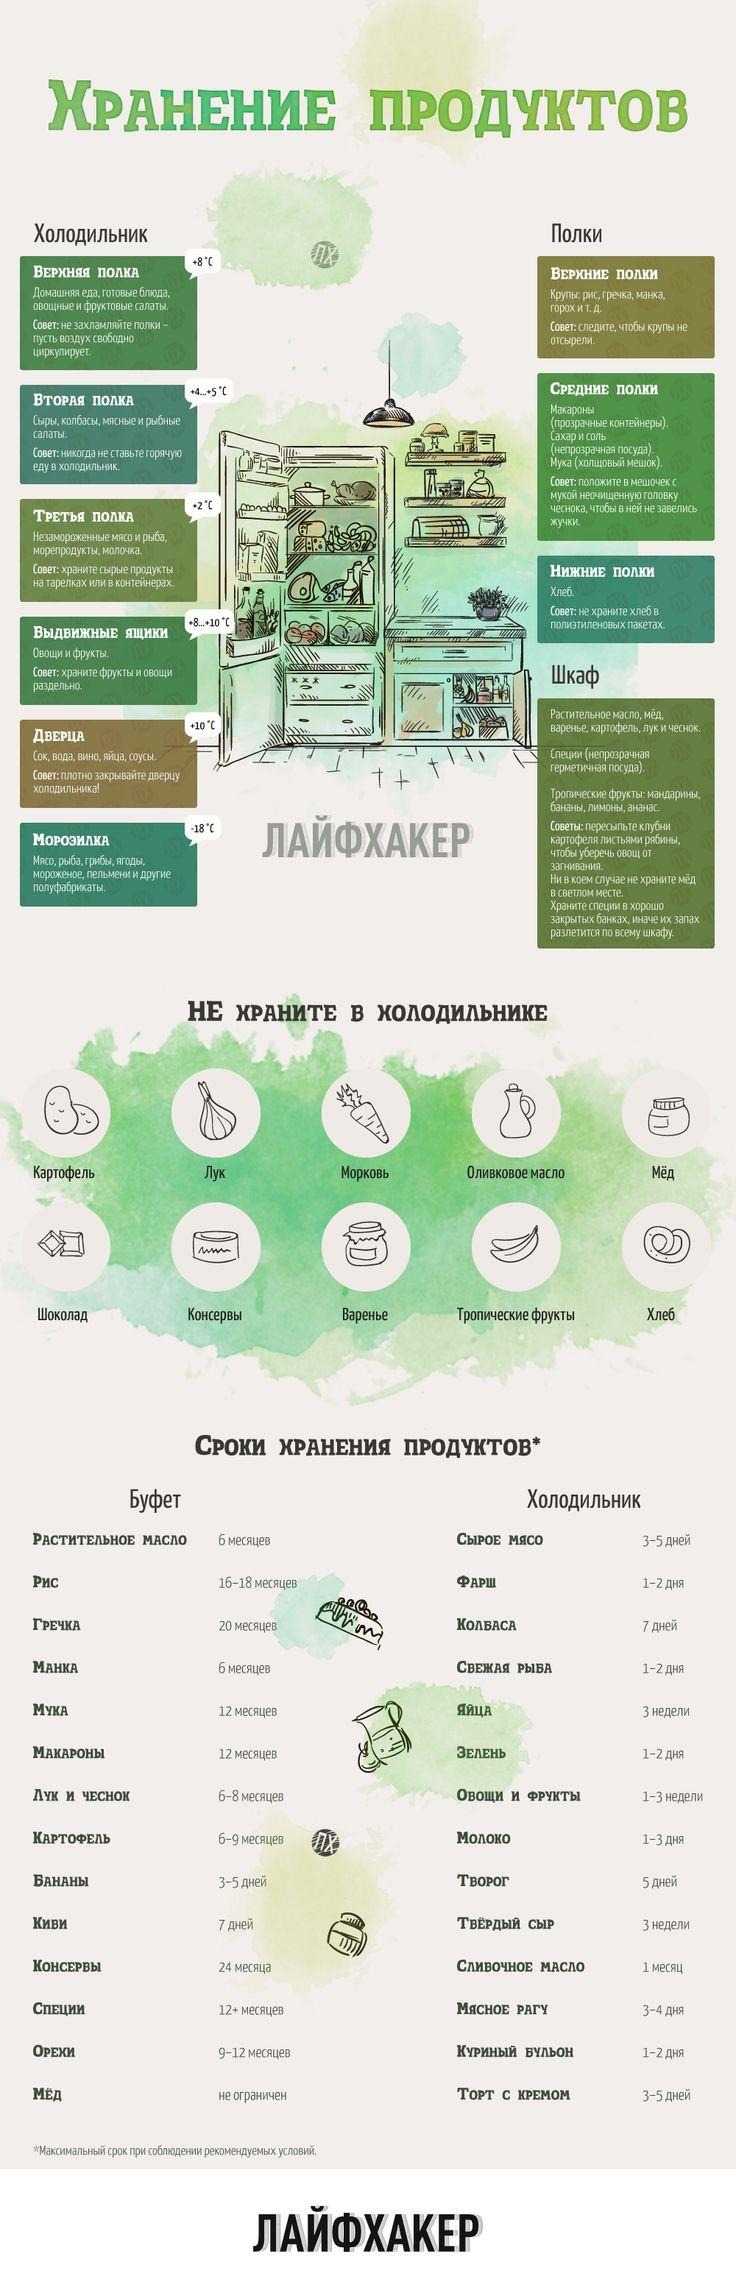 Как хранить продукты - Лайфхак smm2you.wordpress.com